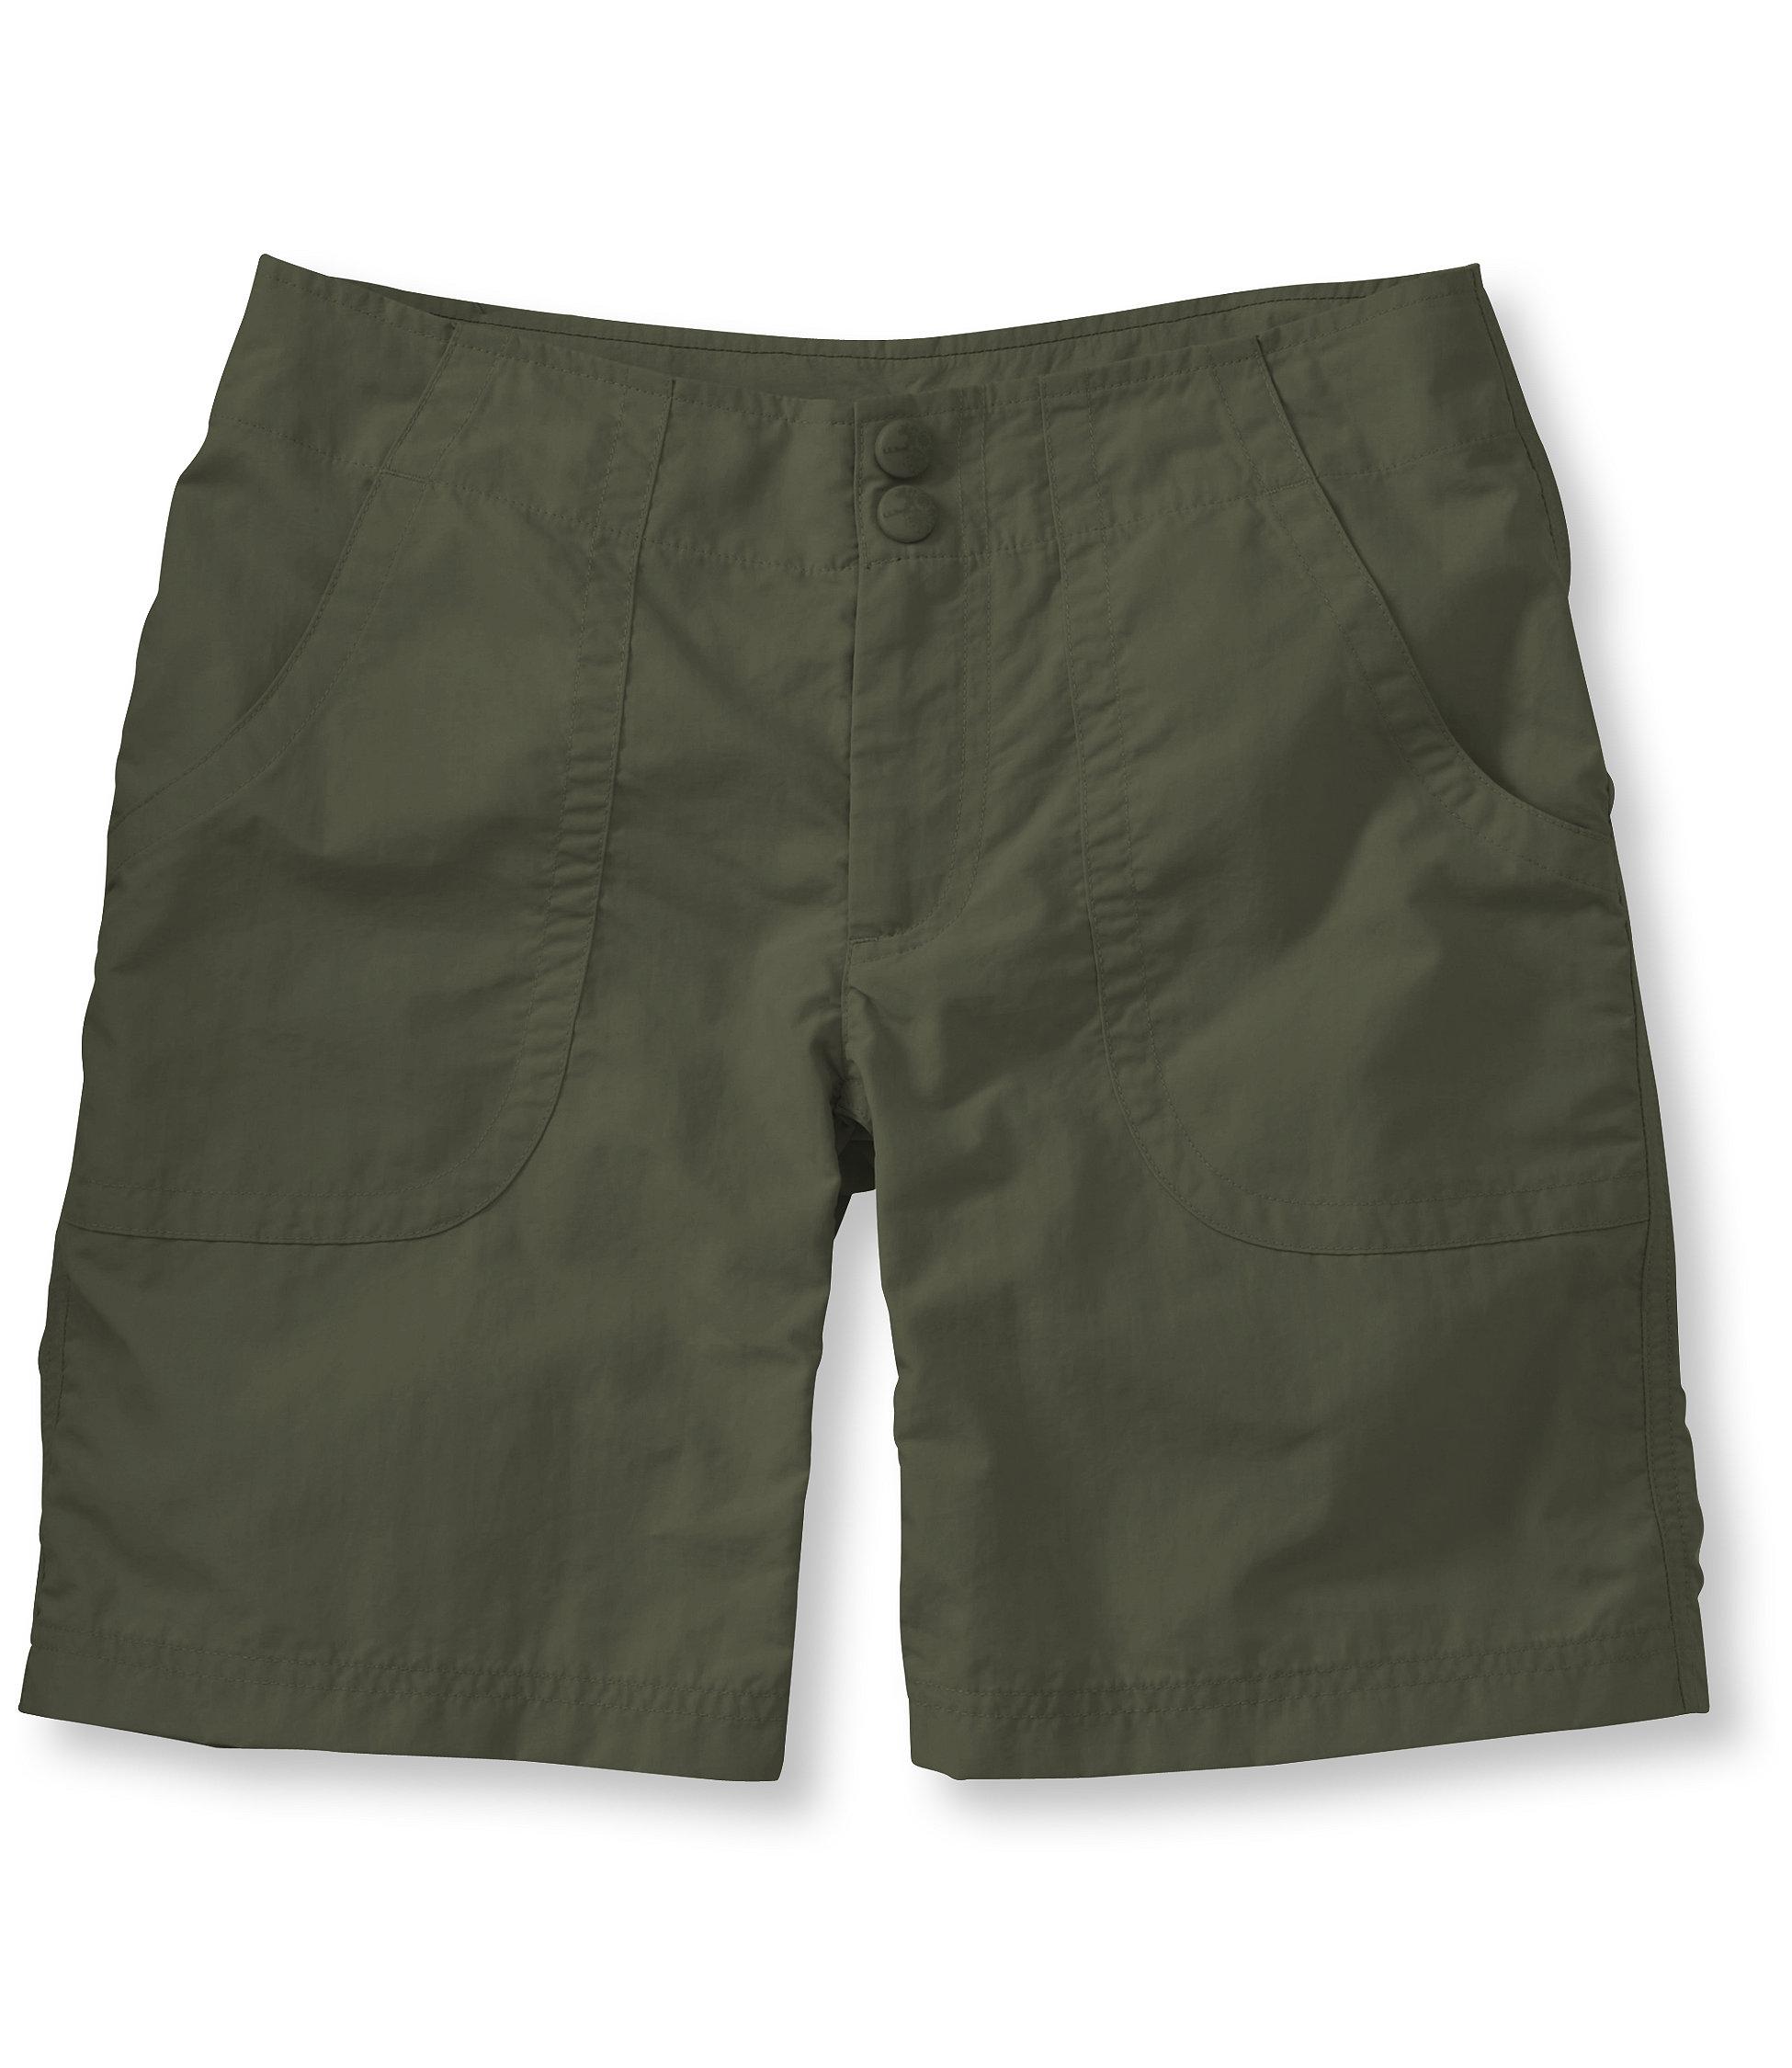 L.L.Bean Trekking Shorts